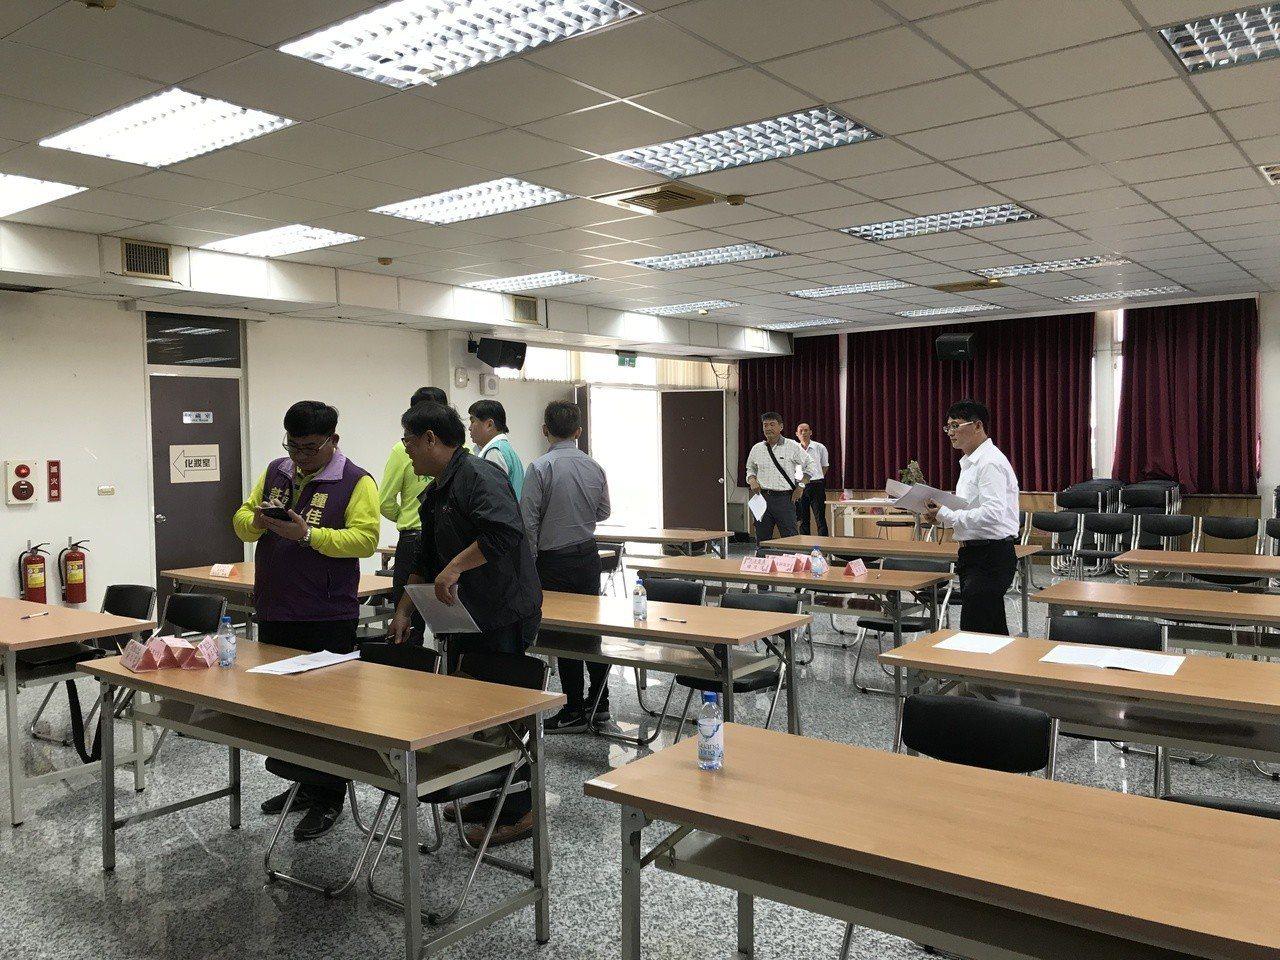 屏東縣選委會今天舉辦選舉區劃分公聽會,僅20多人到場參加,並無立委本人到場。記者...